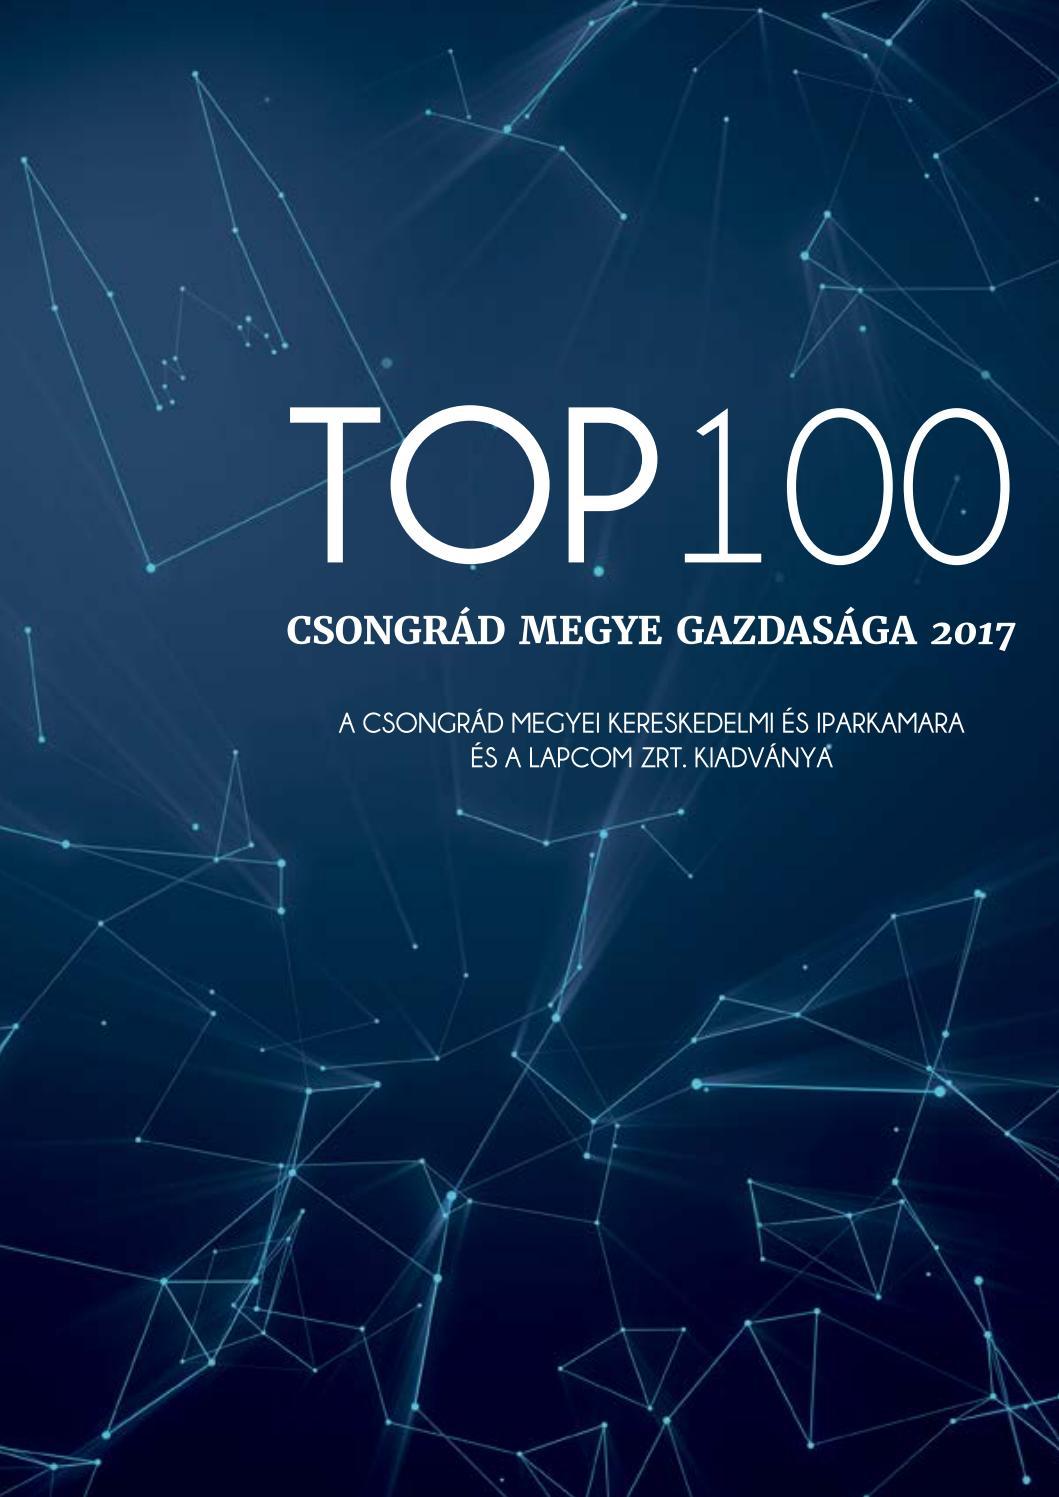 Top 100 - Csongrád megye gazdasága 2017 by Szeged CSMKIK - issuu 63869d798e